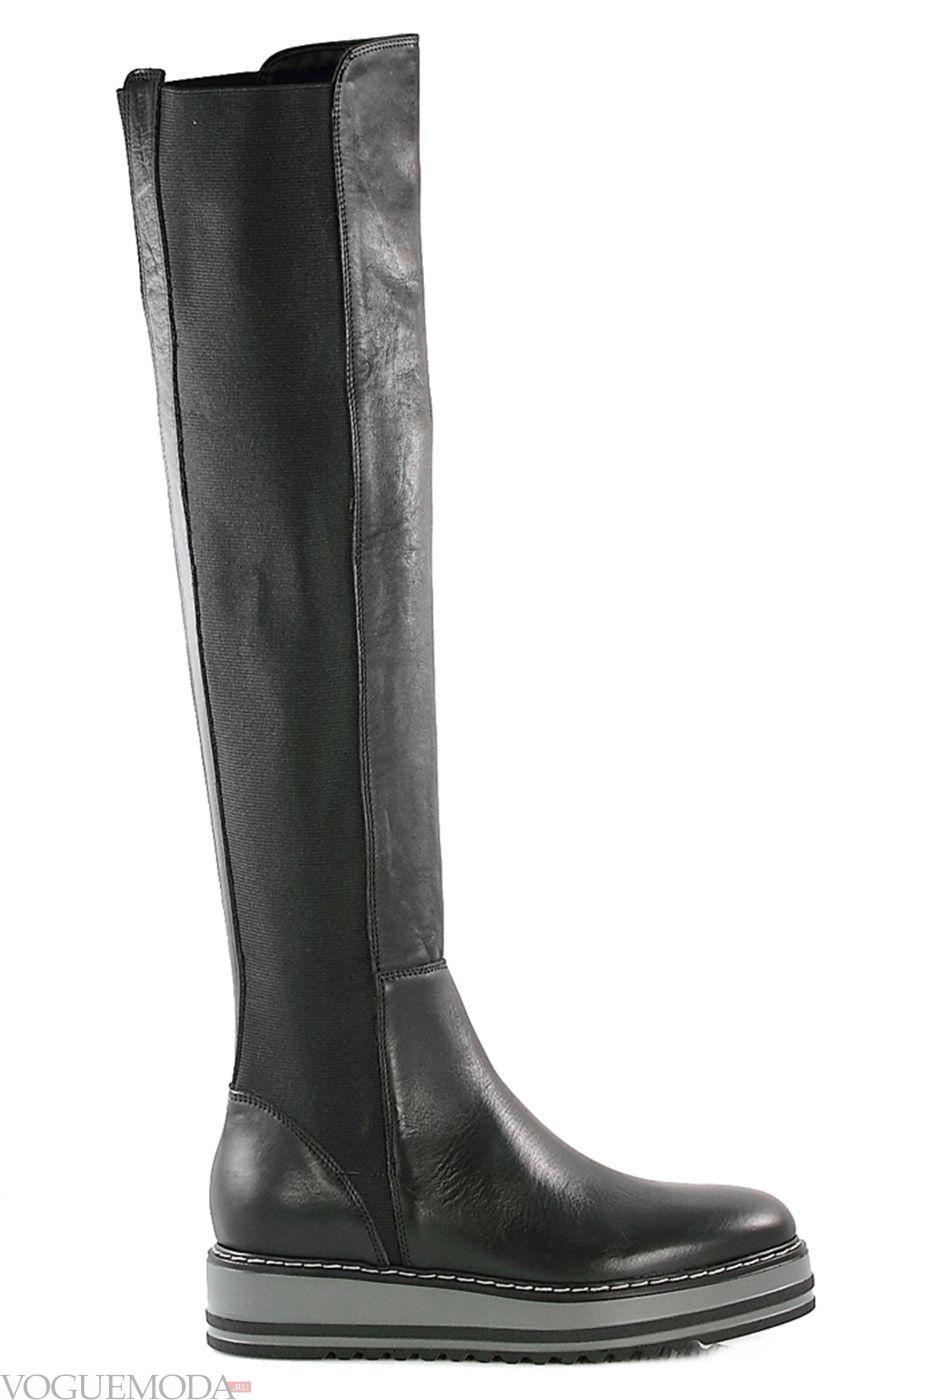 Більше ніяких грубих черевиків - витончена танкетка зайняла почесне місце  серед класичних жіночих моделей чобіт. 9cf215f6641a4